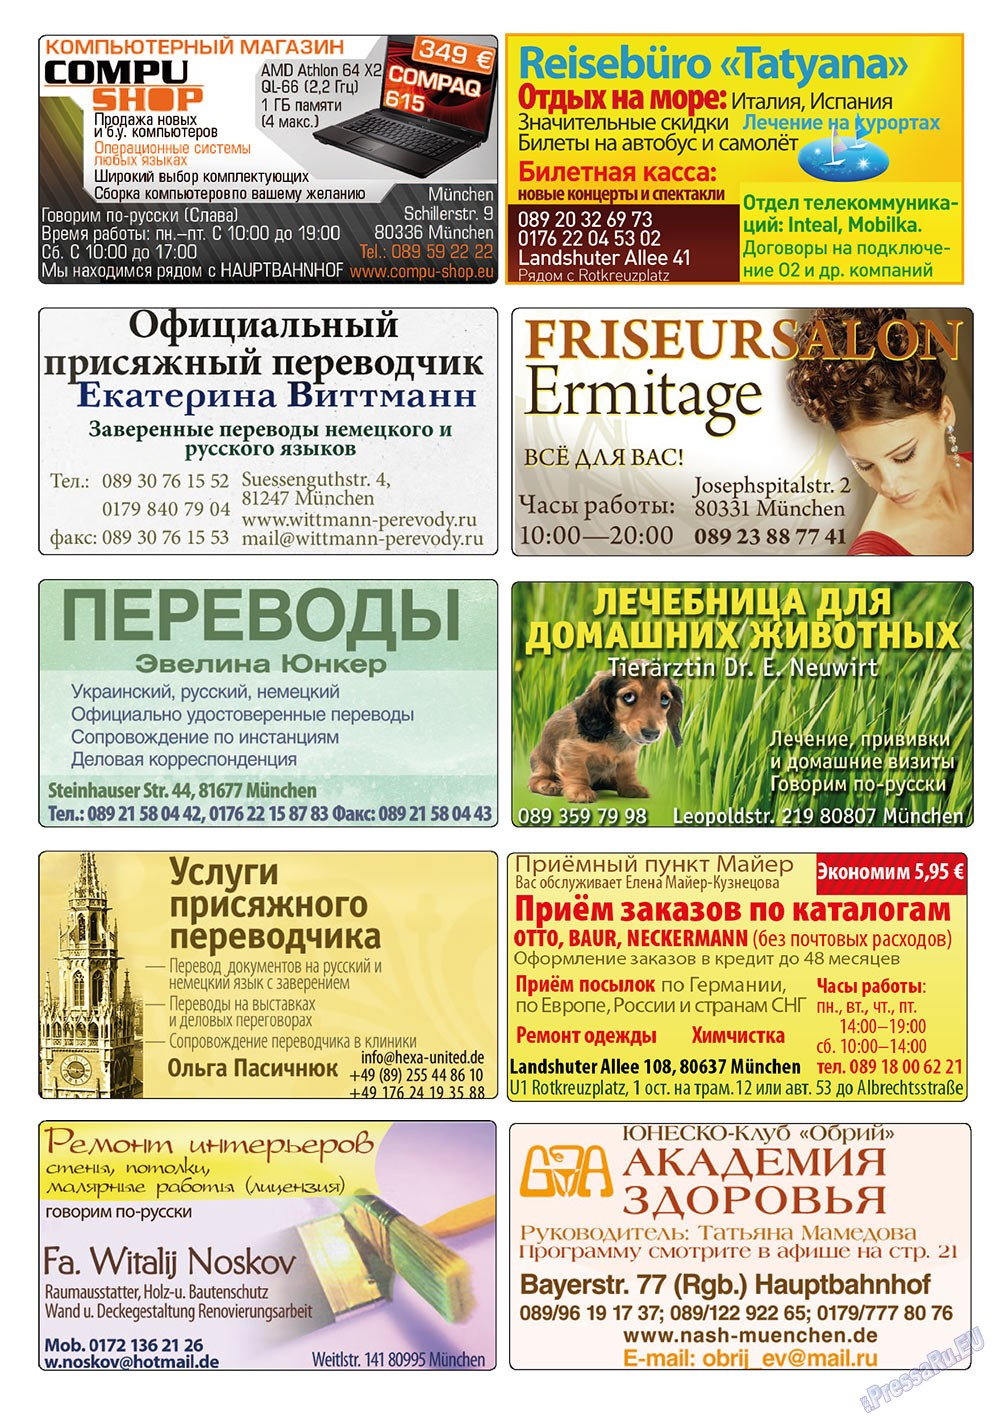 Апельсин (журнал). 2010 год, номер 14, стр. 29